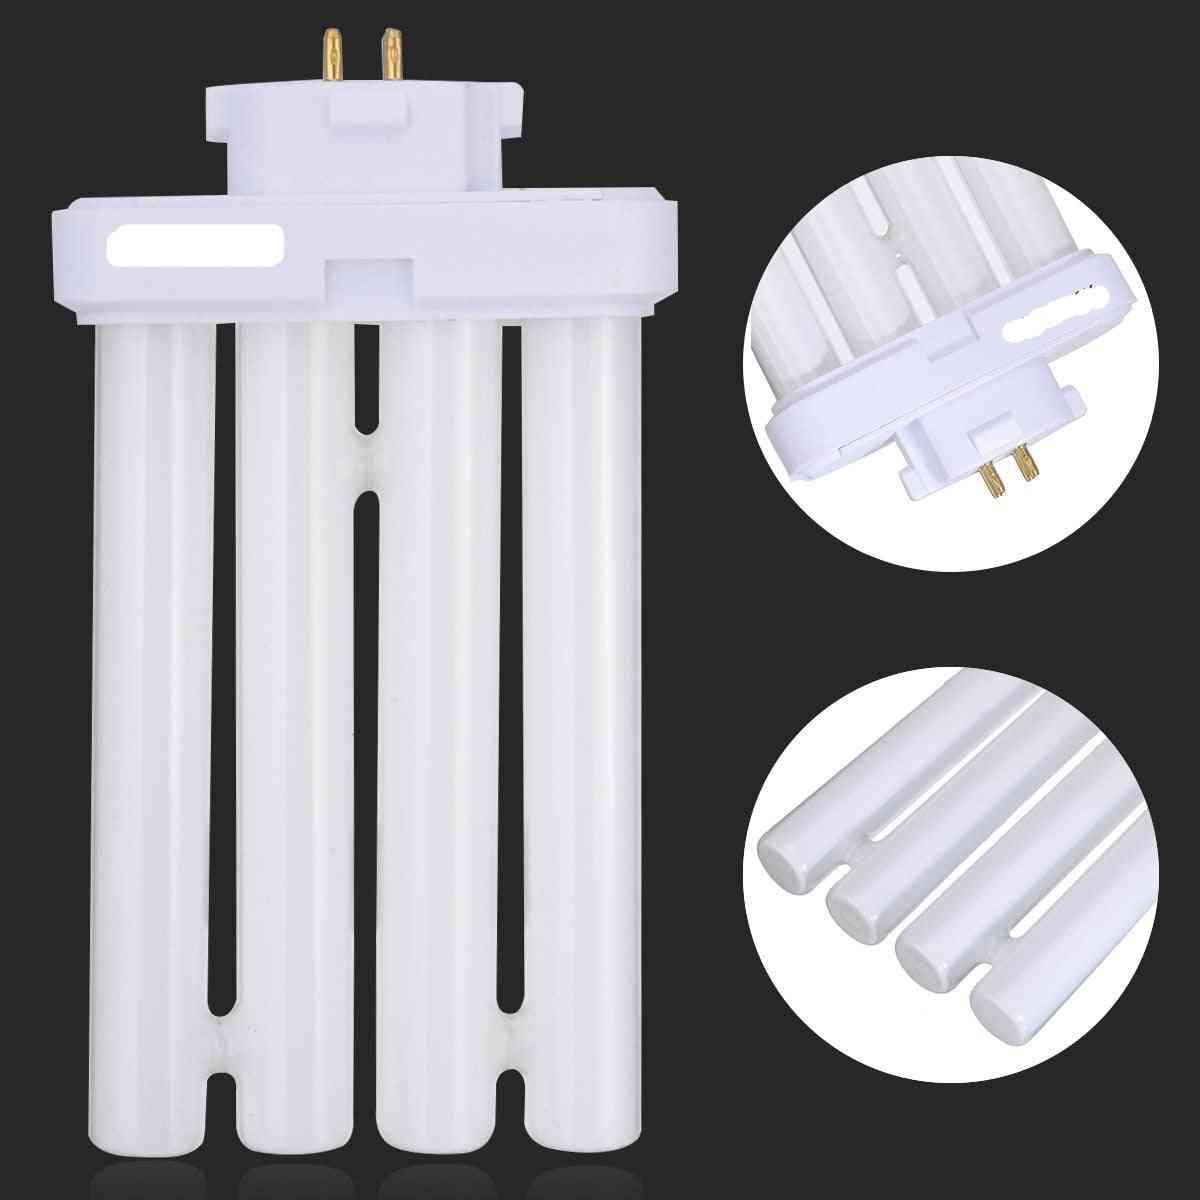 Tube Fluorescent Light Bulb Lamp Pure White Light